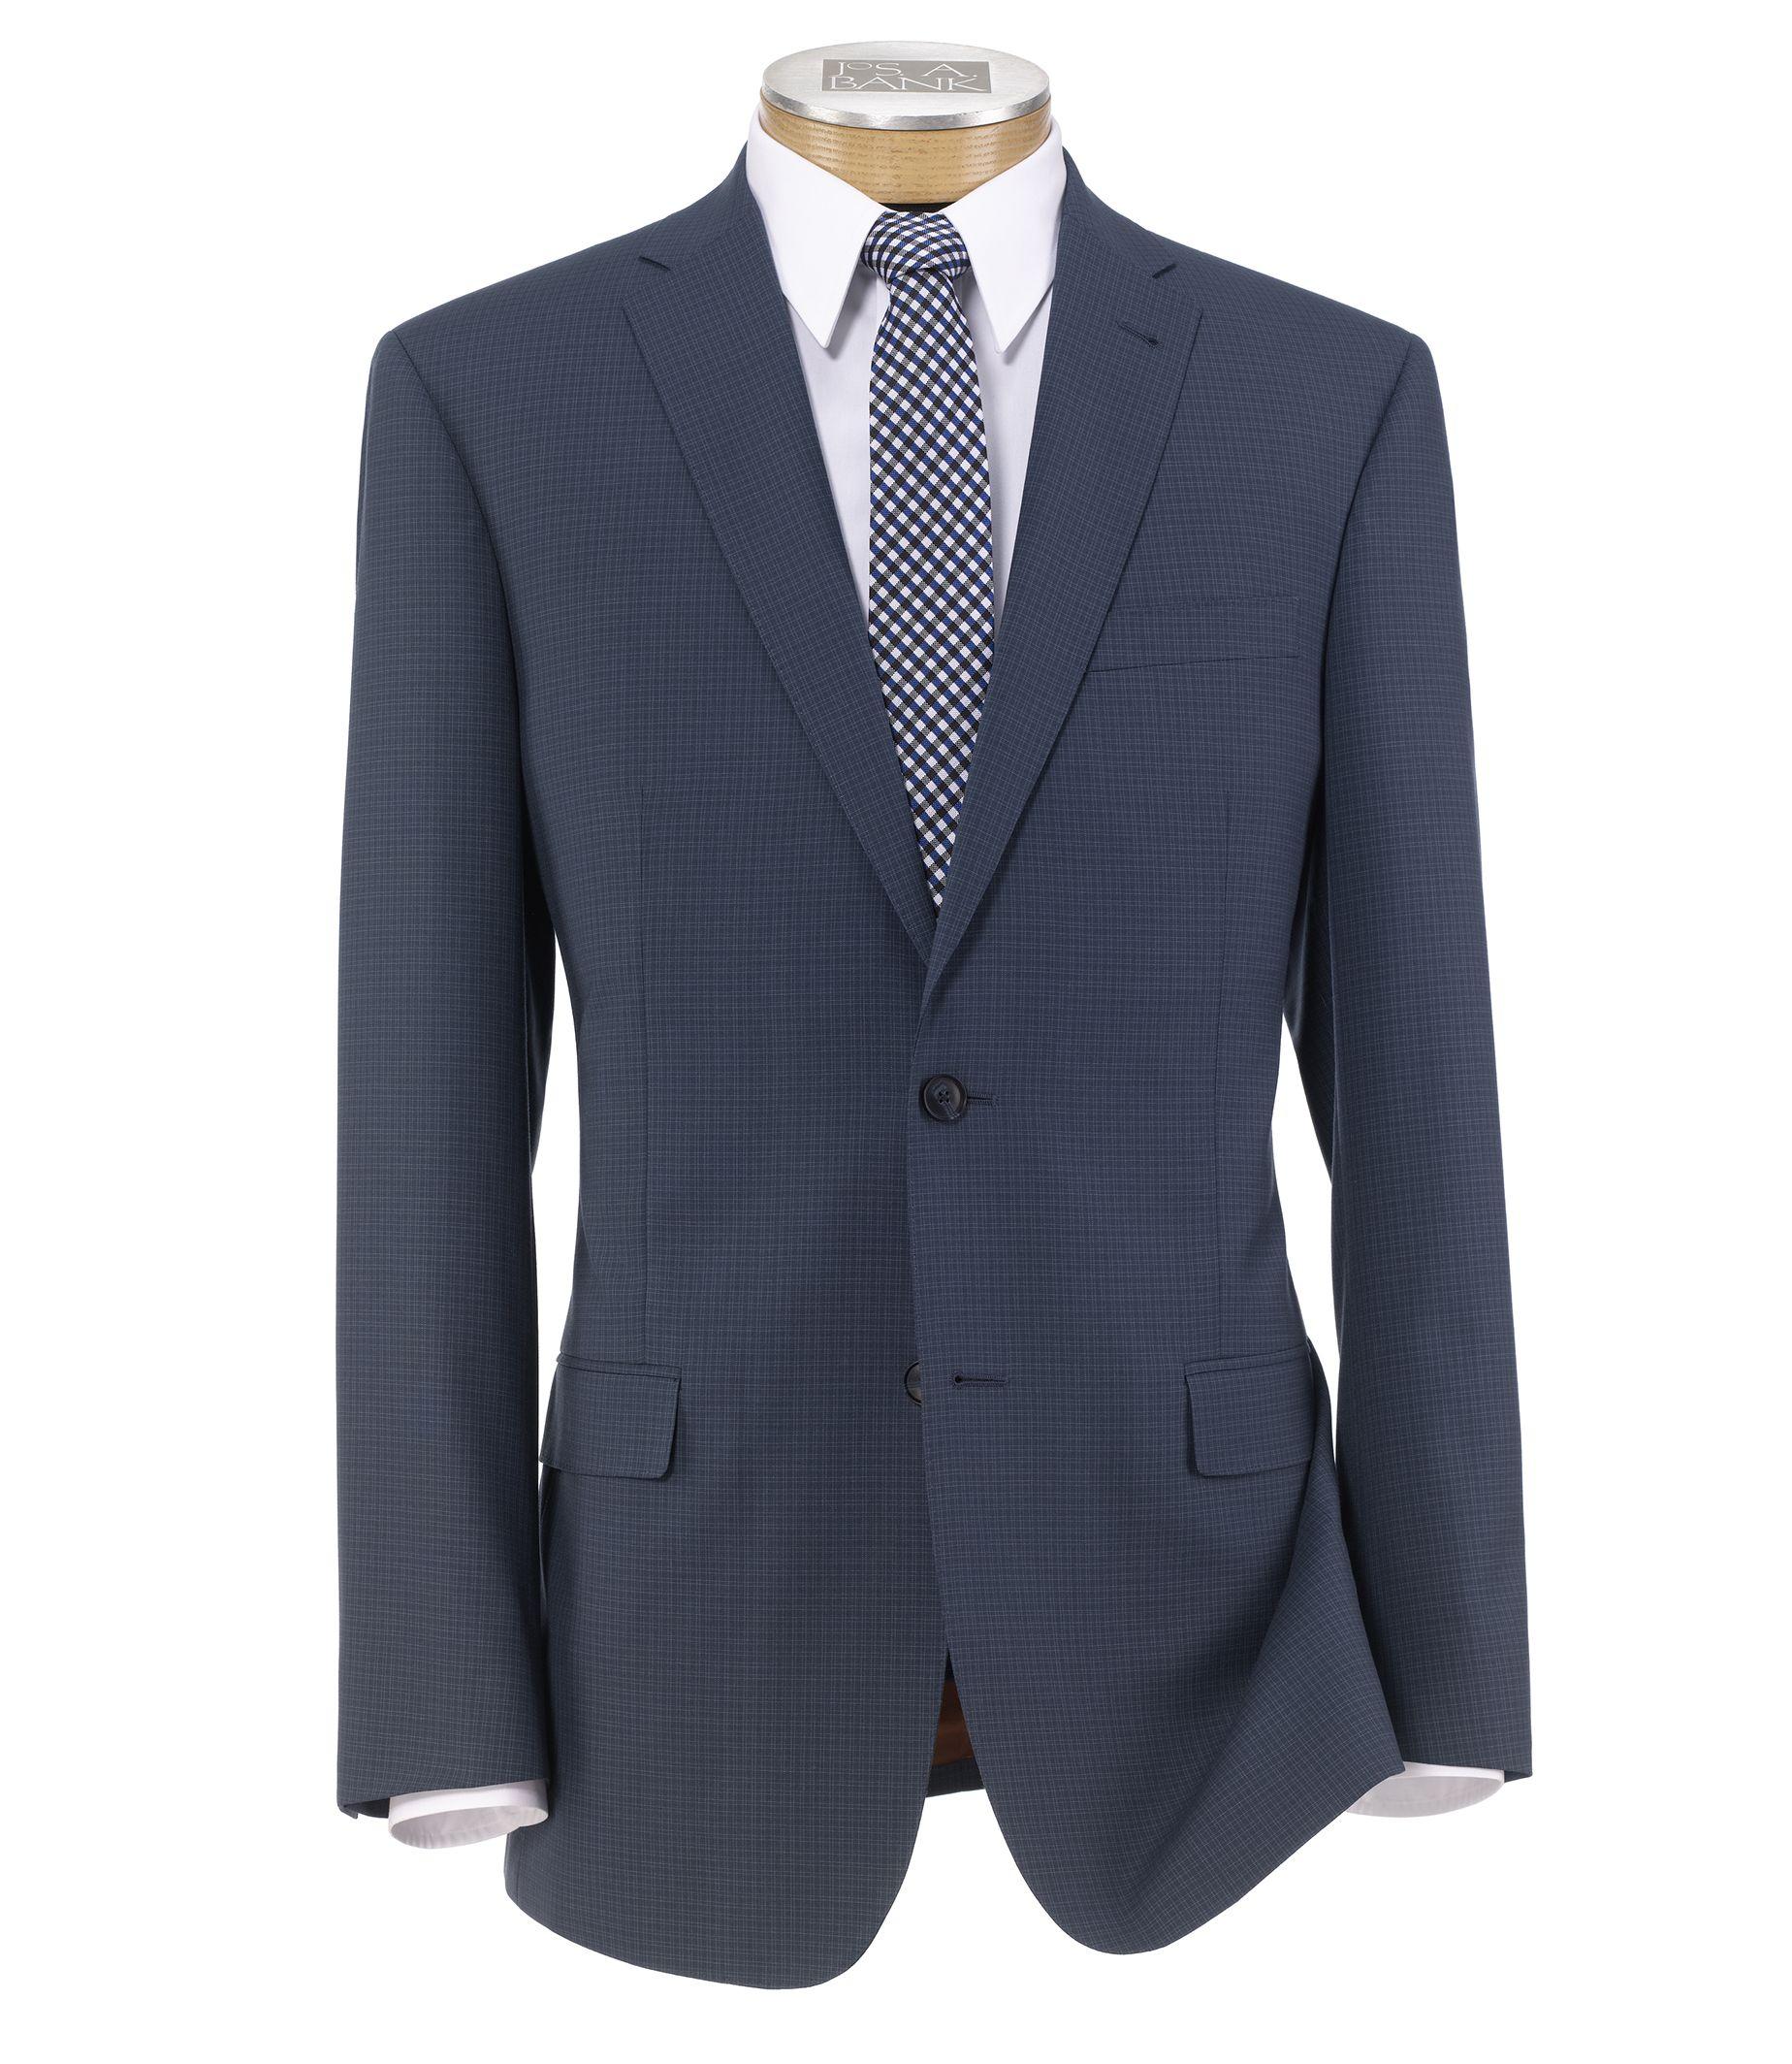 Joseph Slim Fit 2 Button Plain Front Wool Suit- Blue Checkered